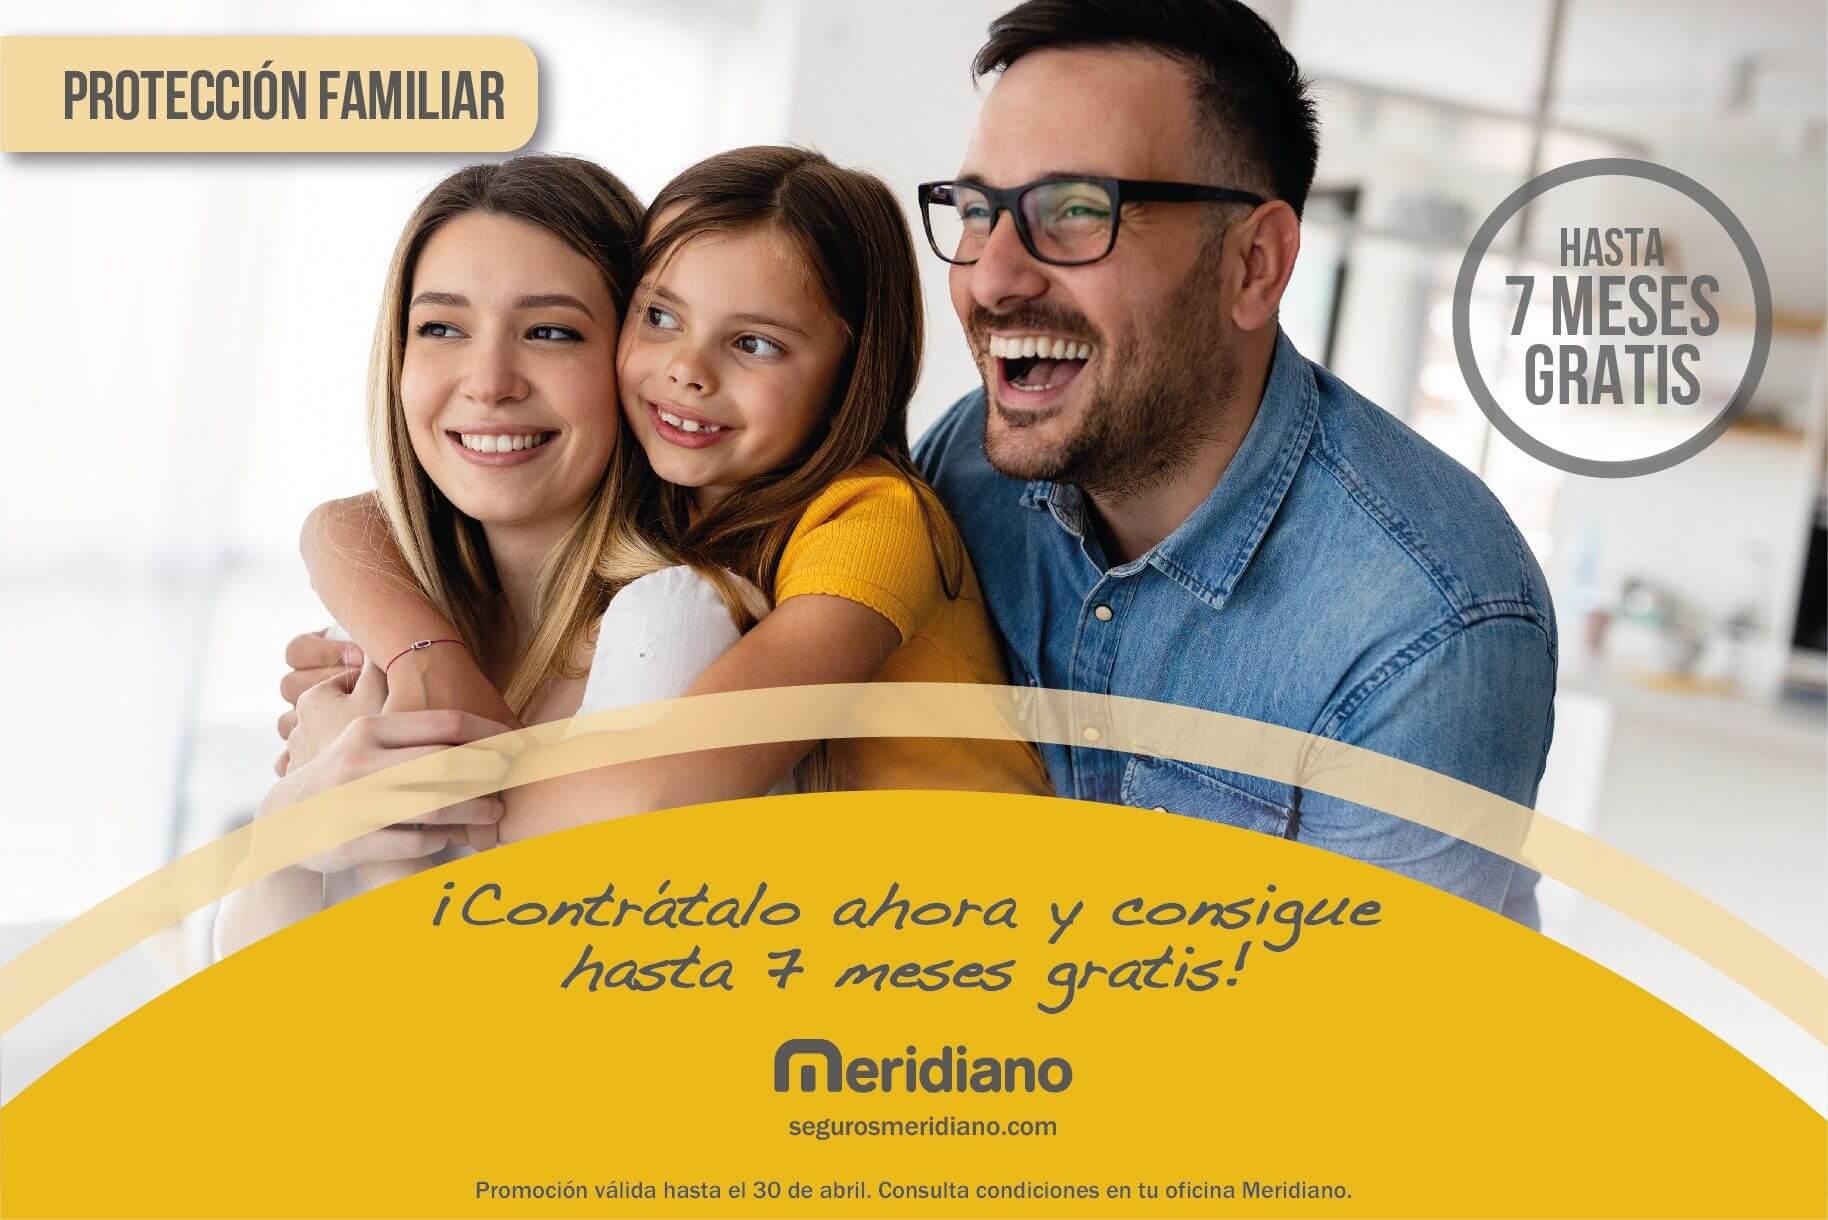 Contrata ahora tu seguro de Protección Familiar y consigue hasta 7 meses gratis*